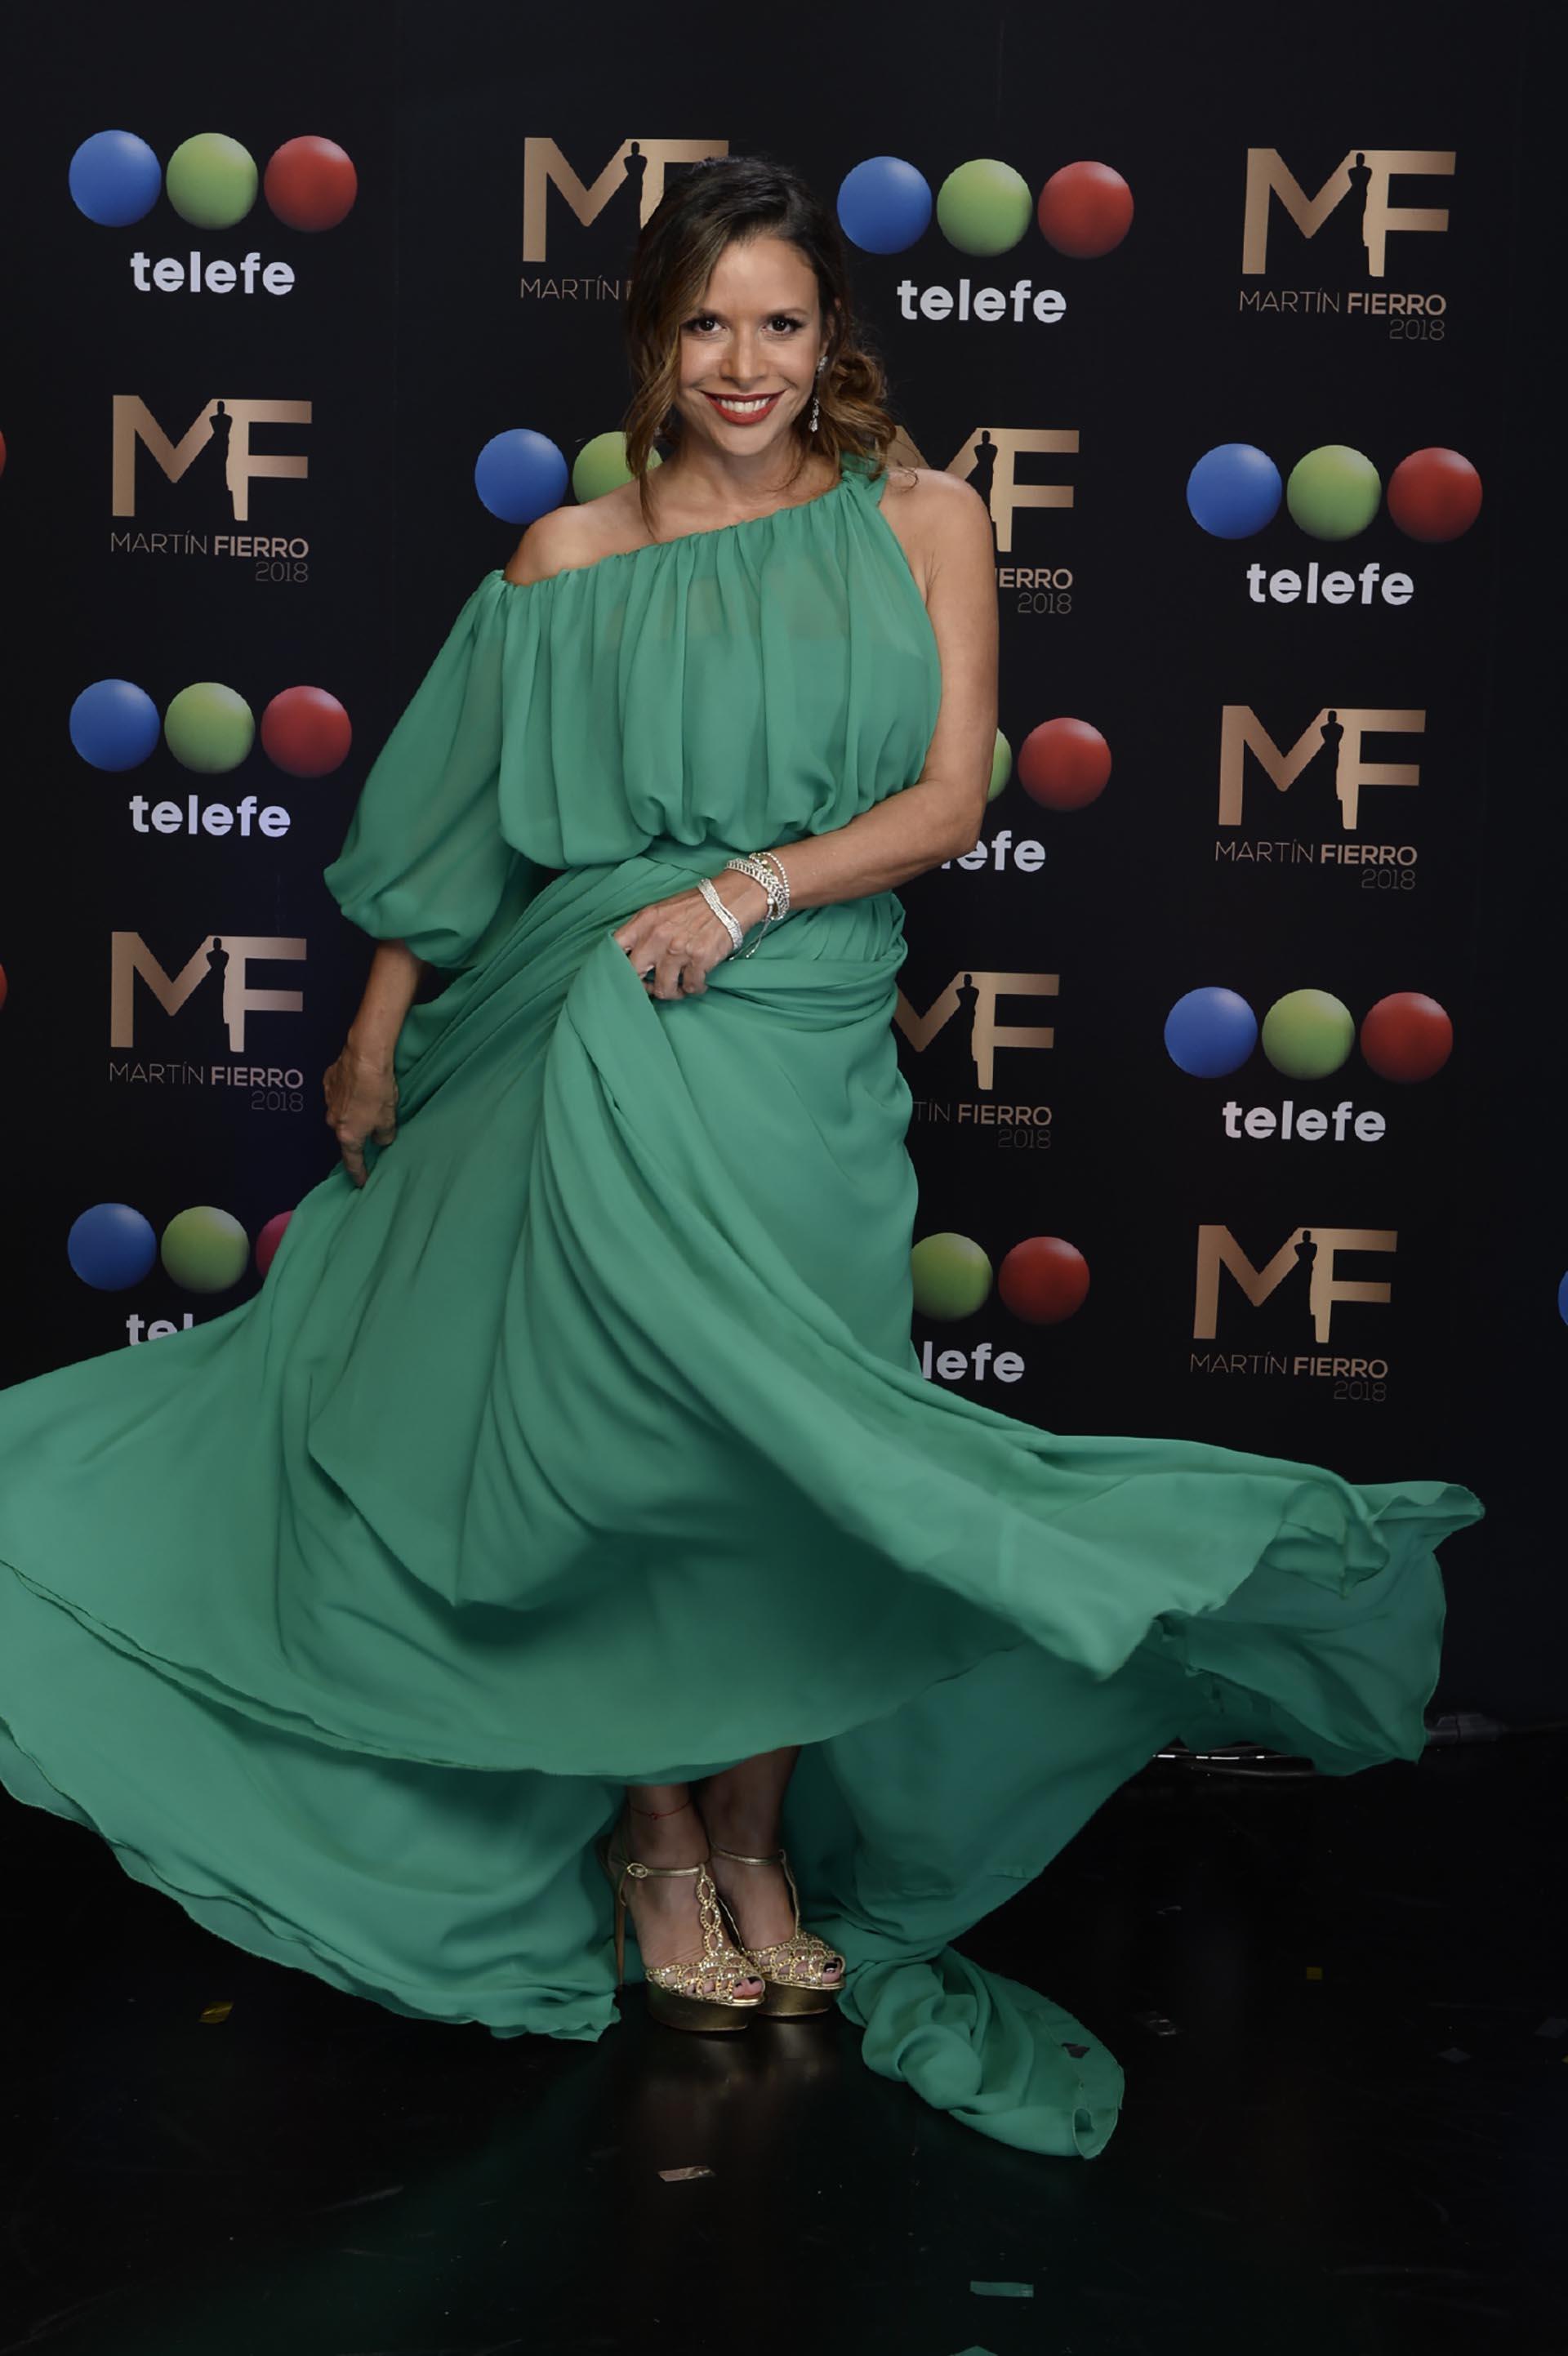 Julieta Ortega adhirió la consigna lanzada por Dolores Fonzi de asistir de verde a la ceremonia, con un diseño de Adrián Brown con un solo hombro y cola